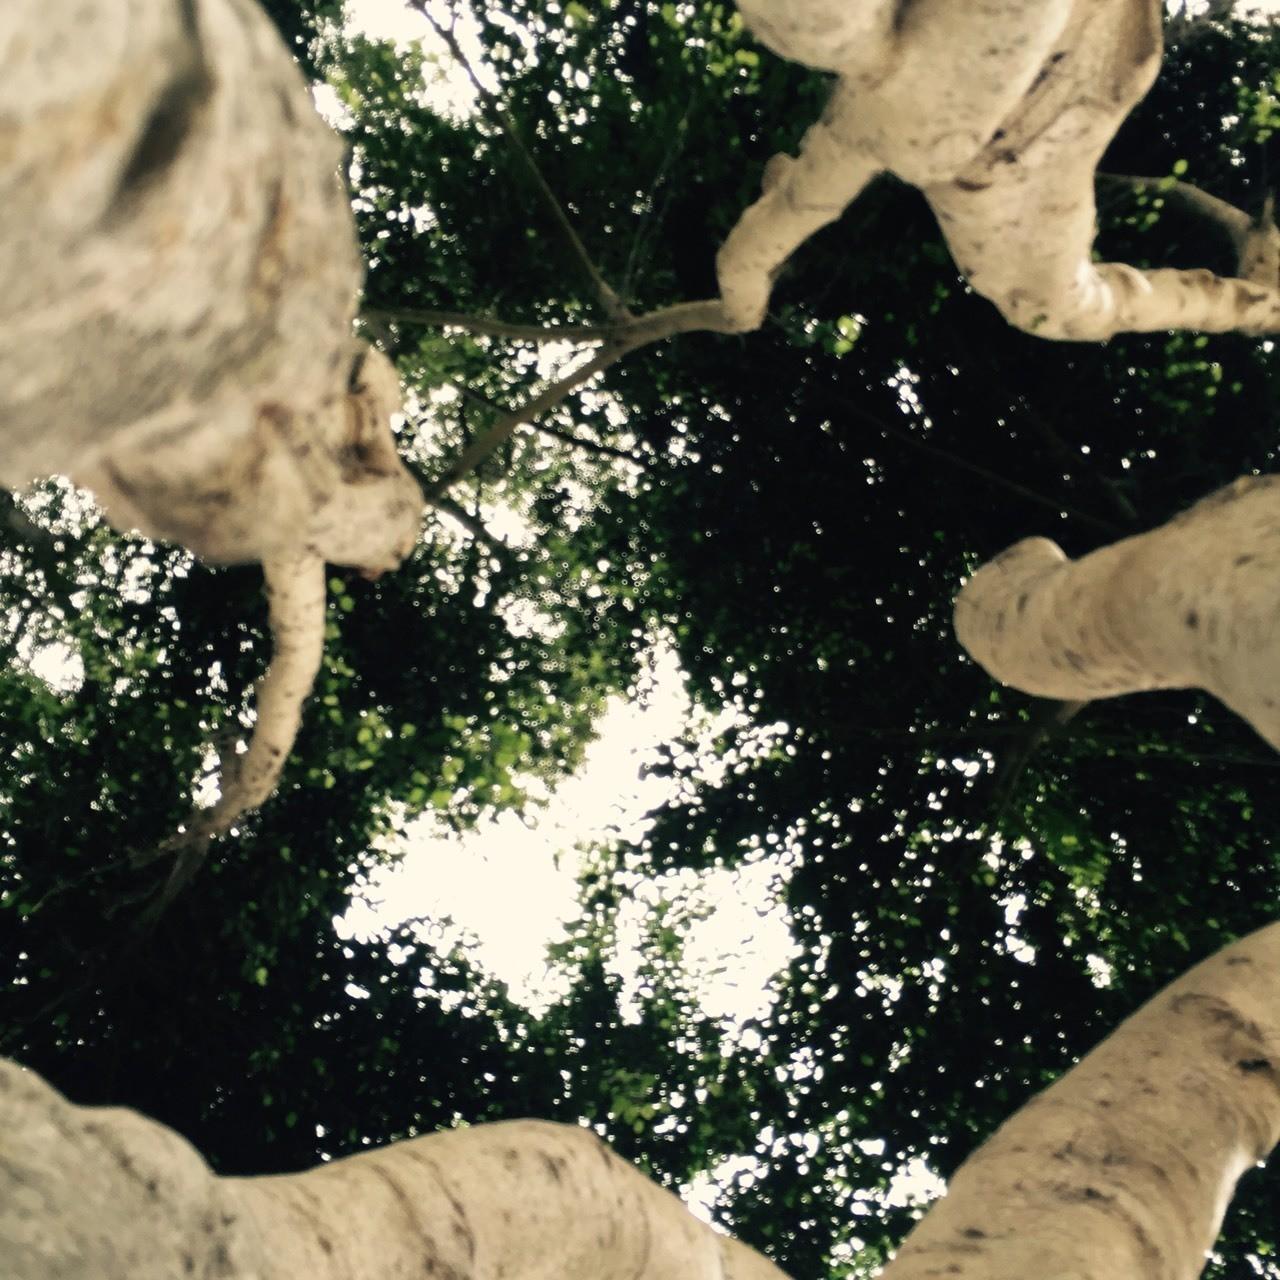 Desde el centro del árbol